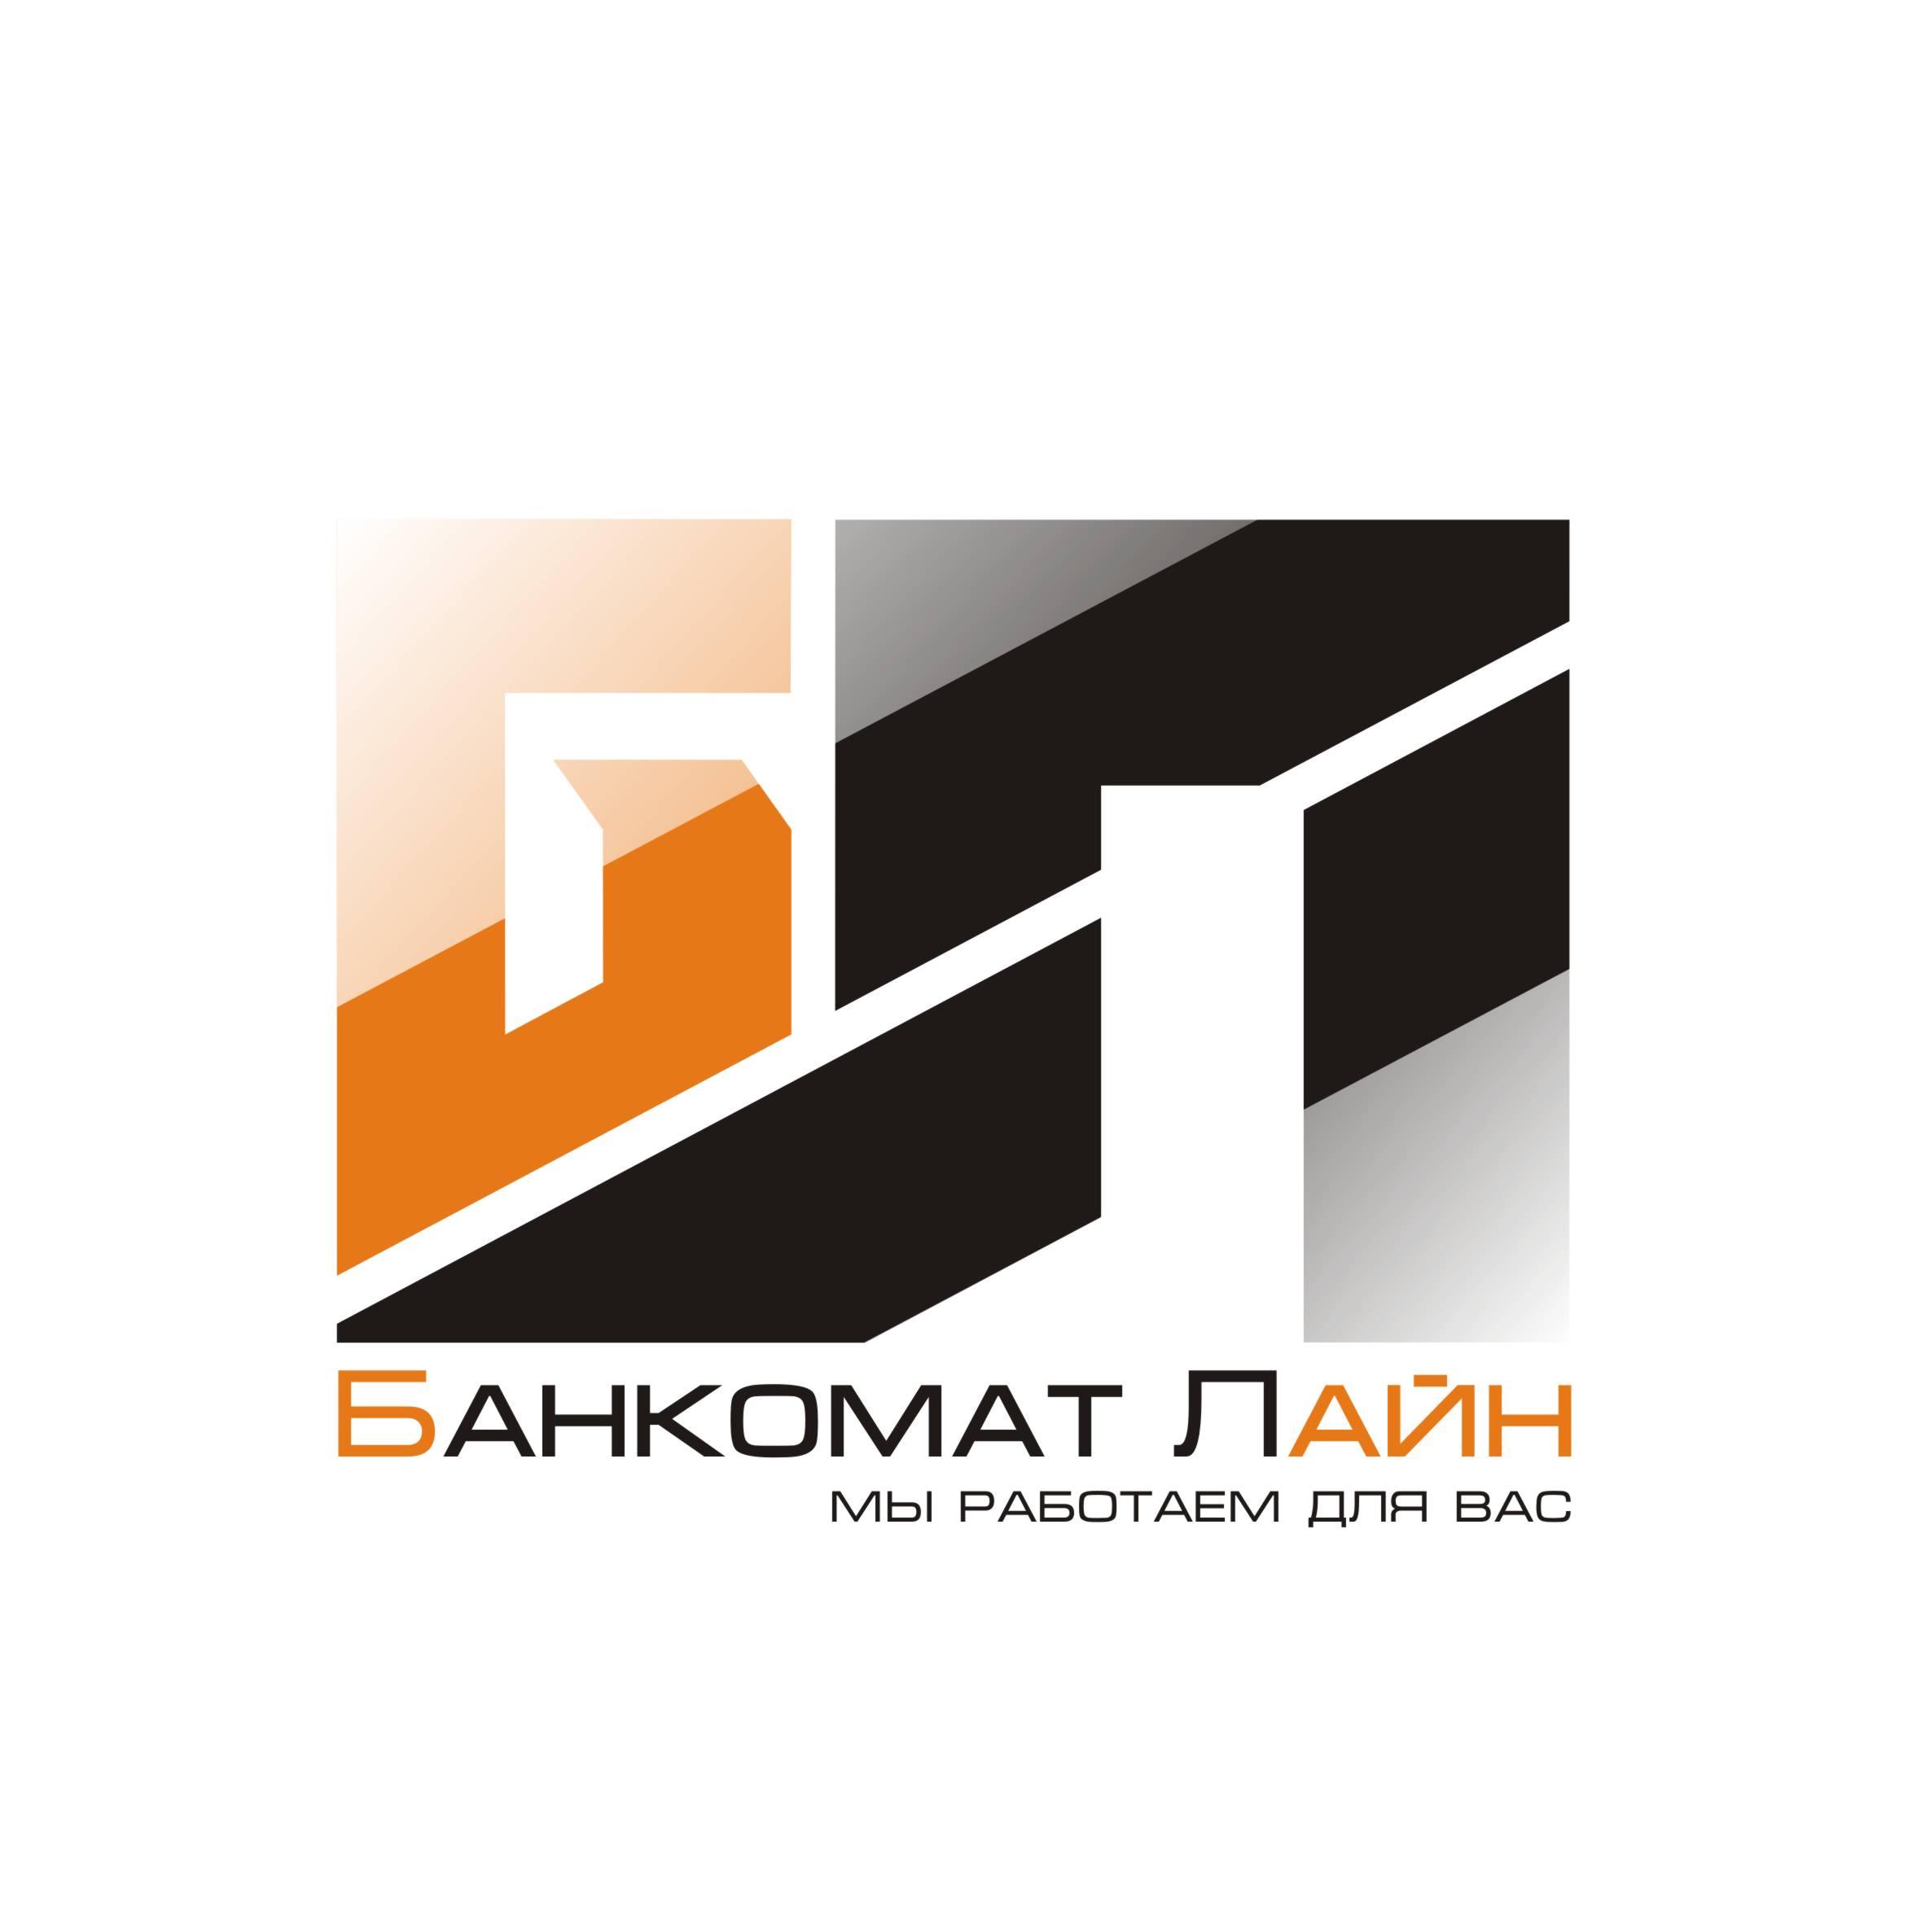 Разработка логотипа и слогана для транспортной компании фото f_0725878903324ac8.jpg